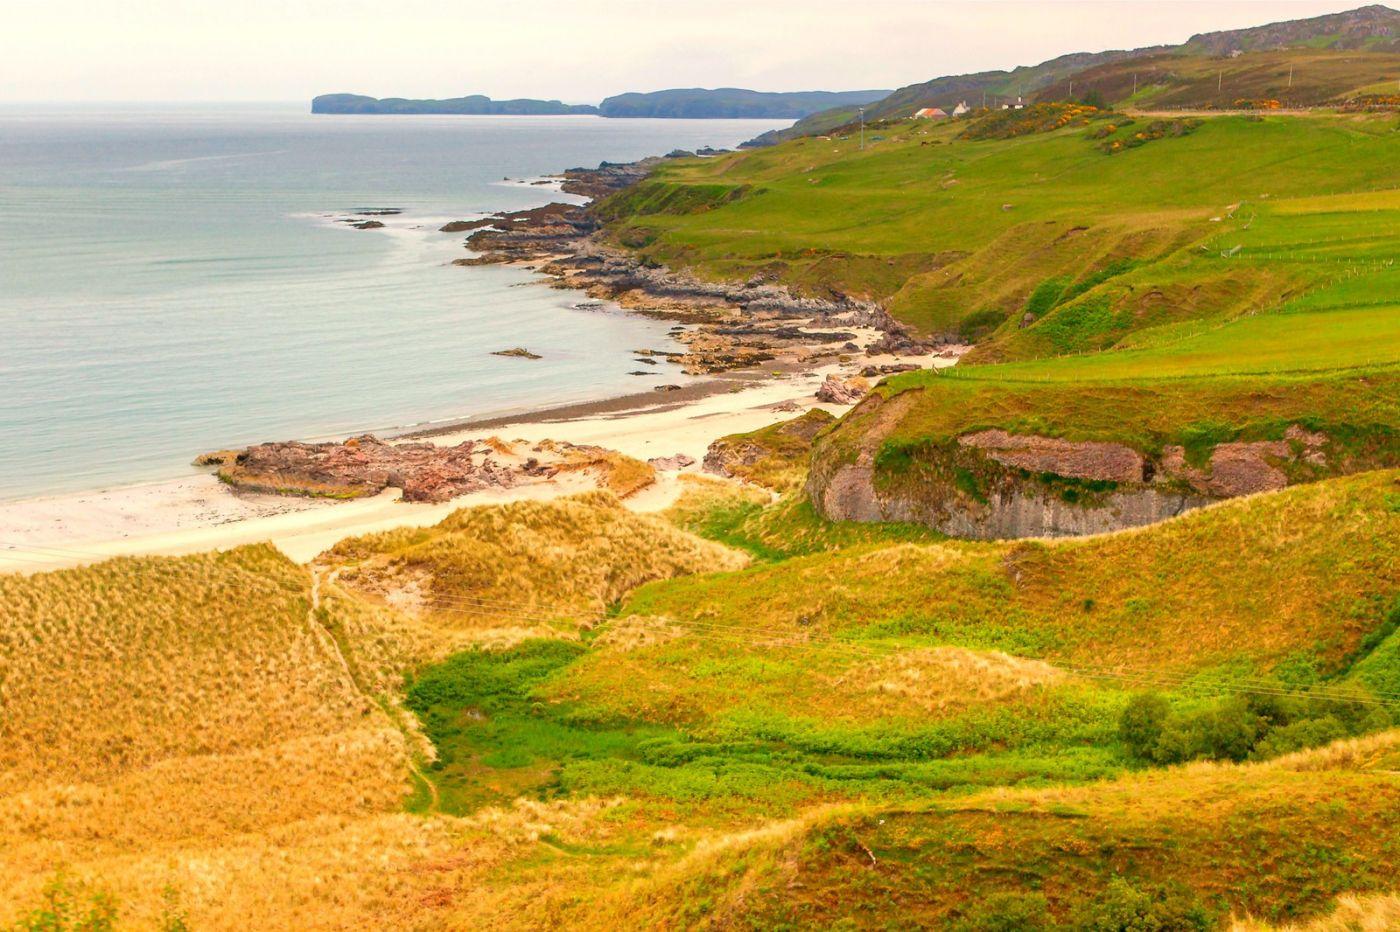 苏格兰美景,弯弯的沙滩_图1-27